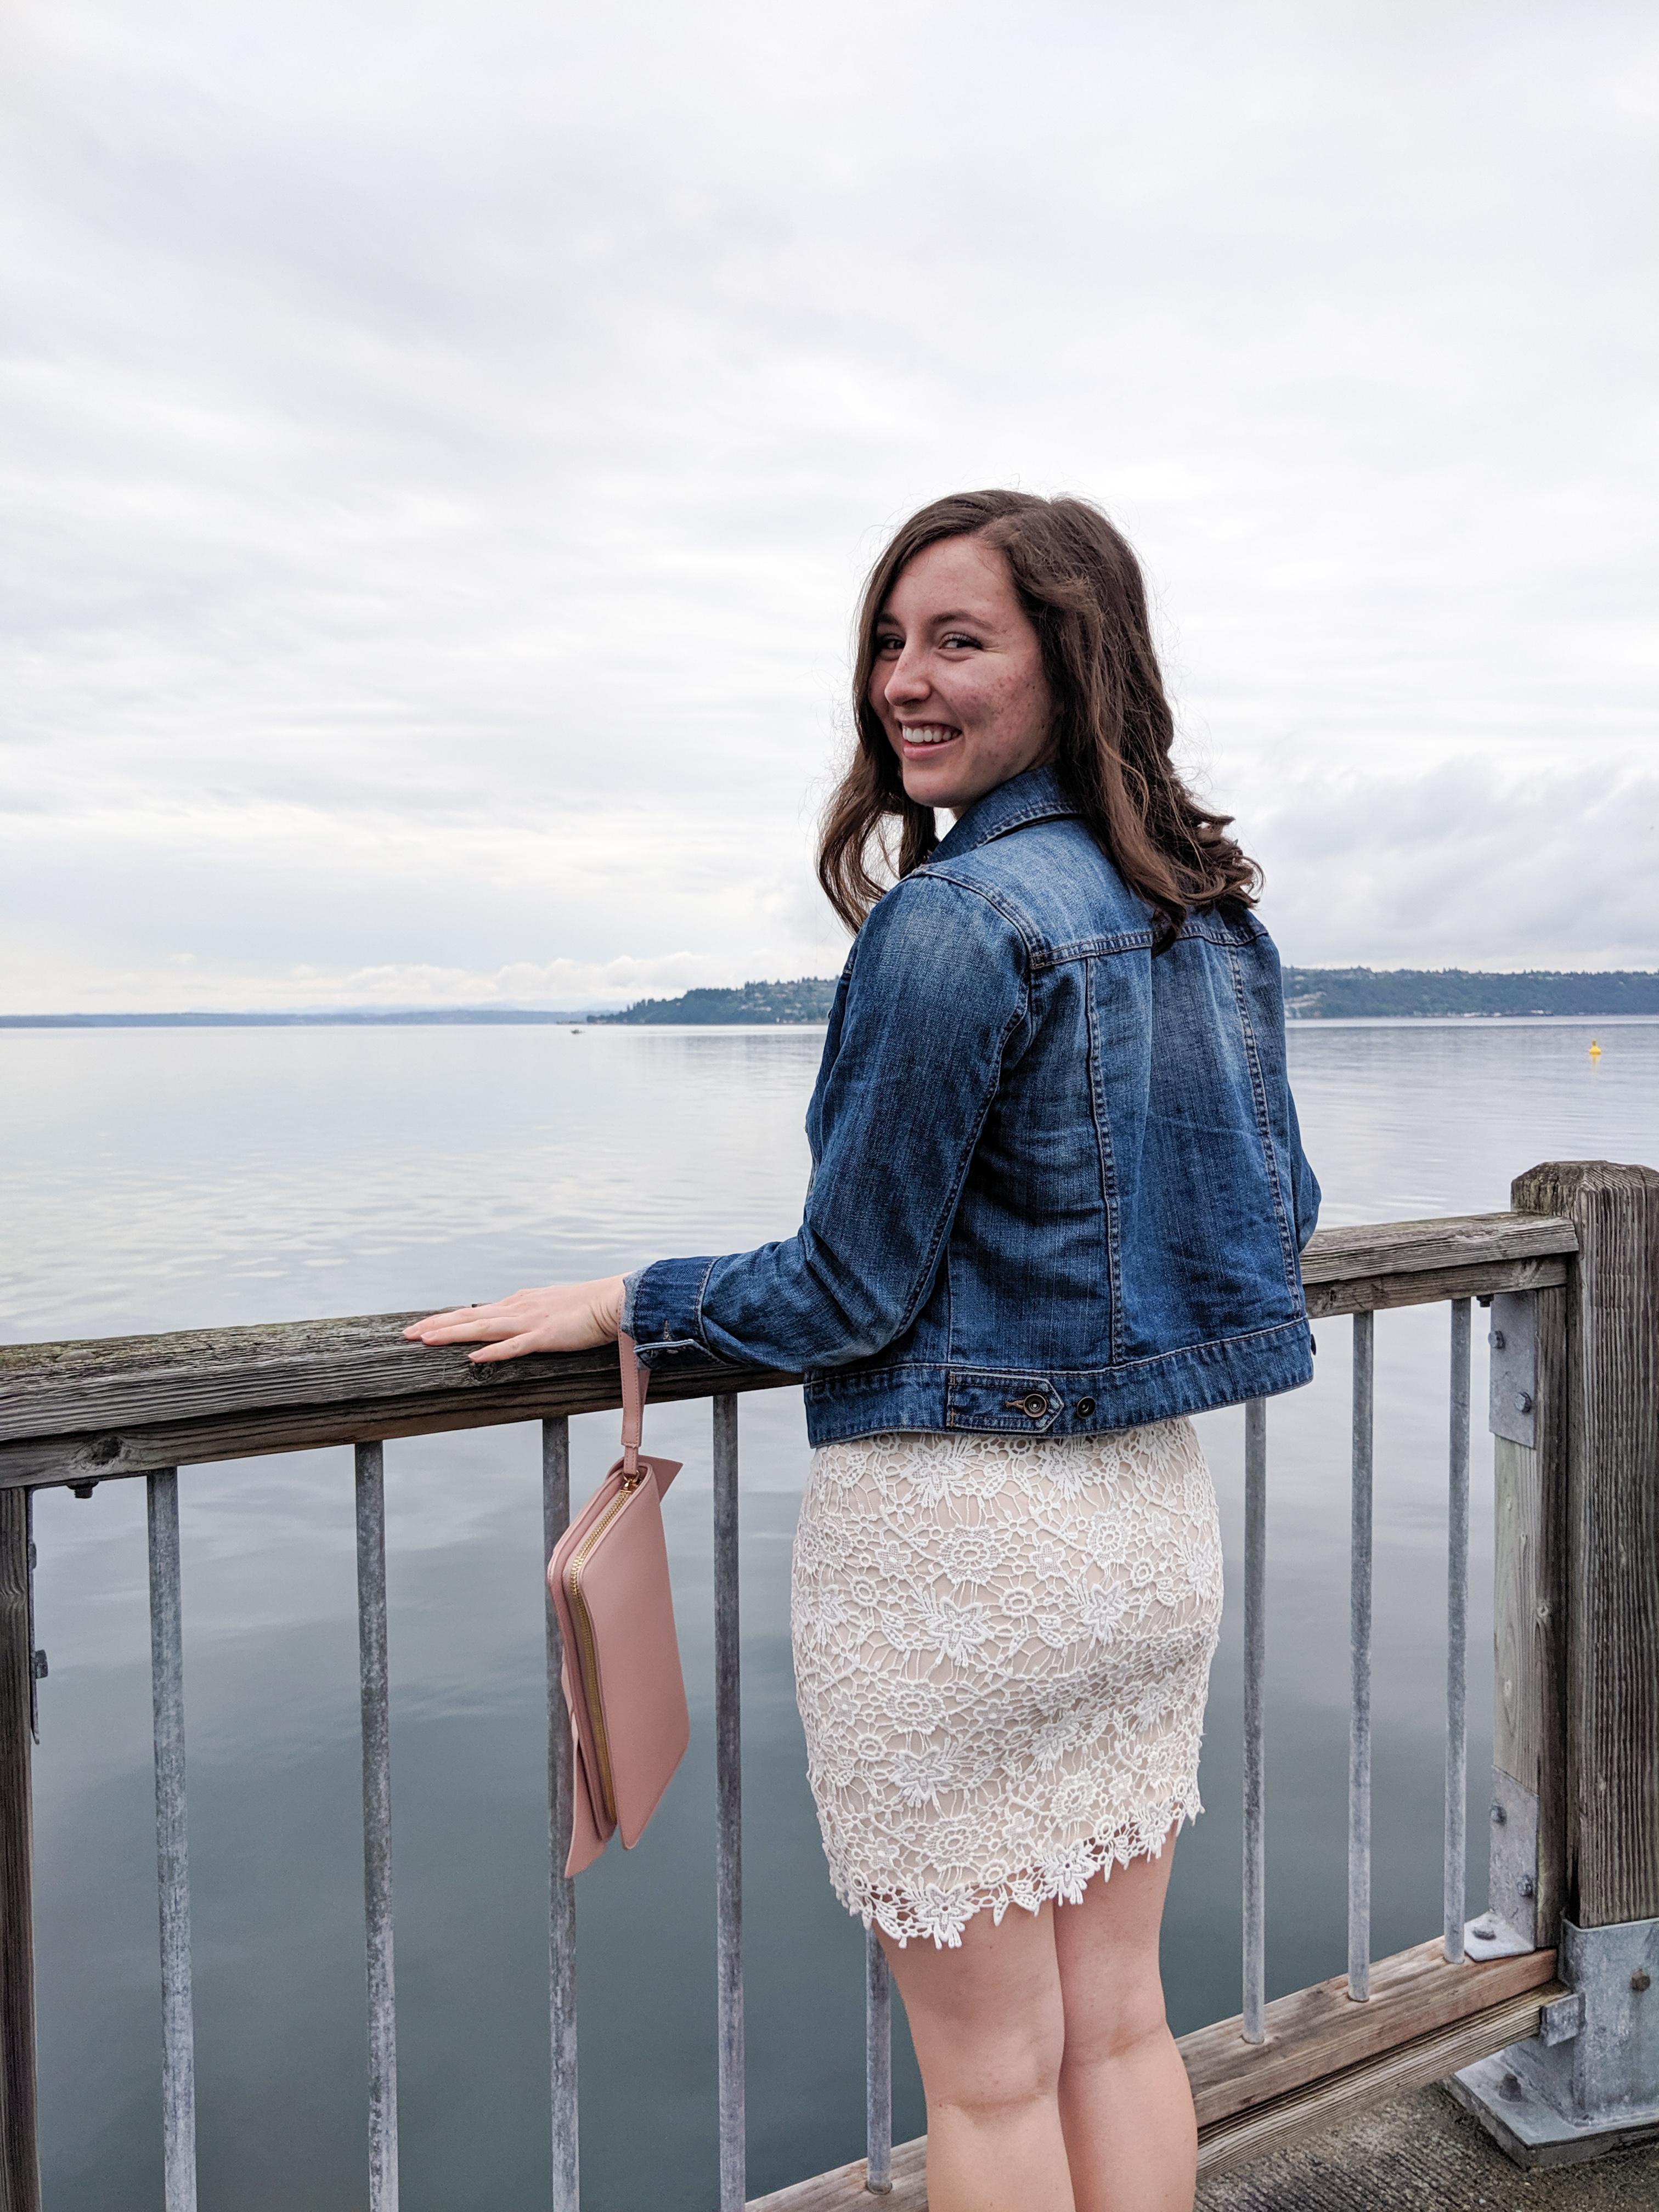 denim jacket, white lace dress, Puget Sound, Tacoma